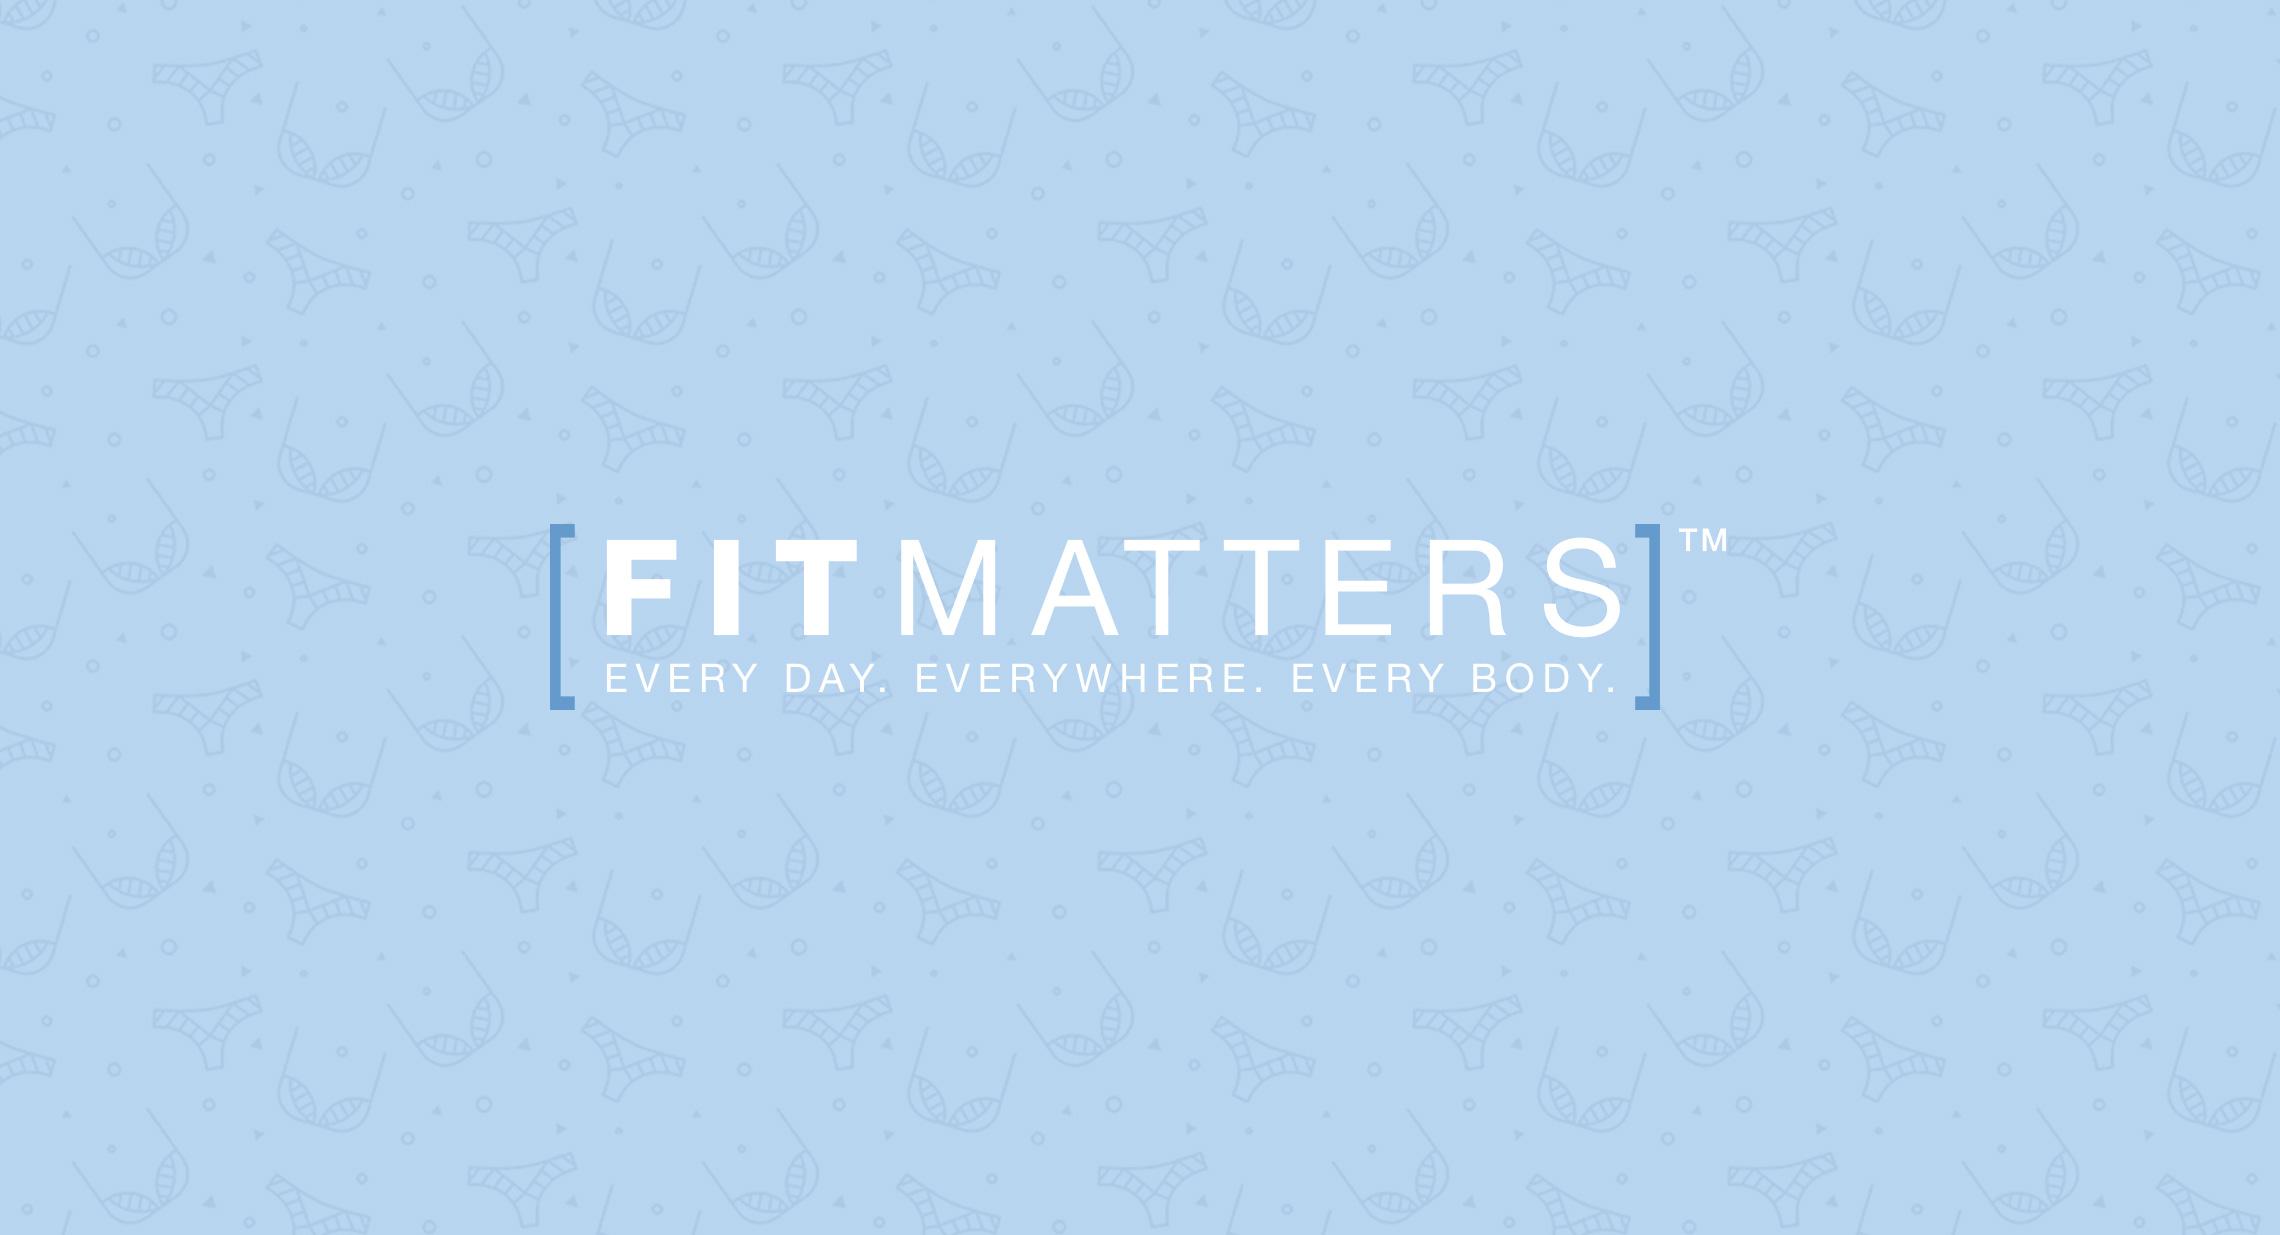 Work_FitMatters_a.jpg